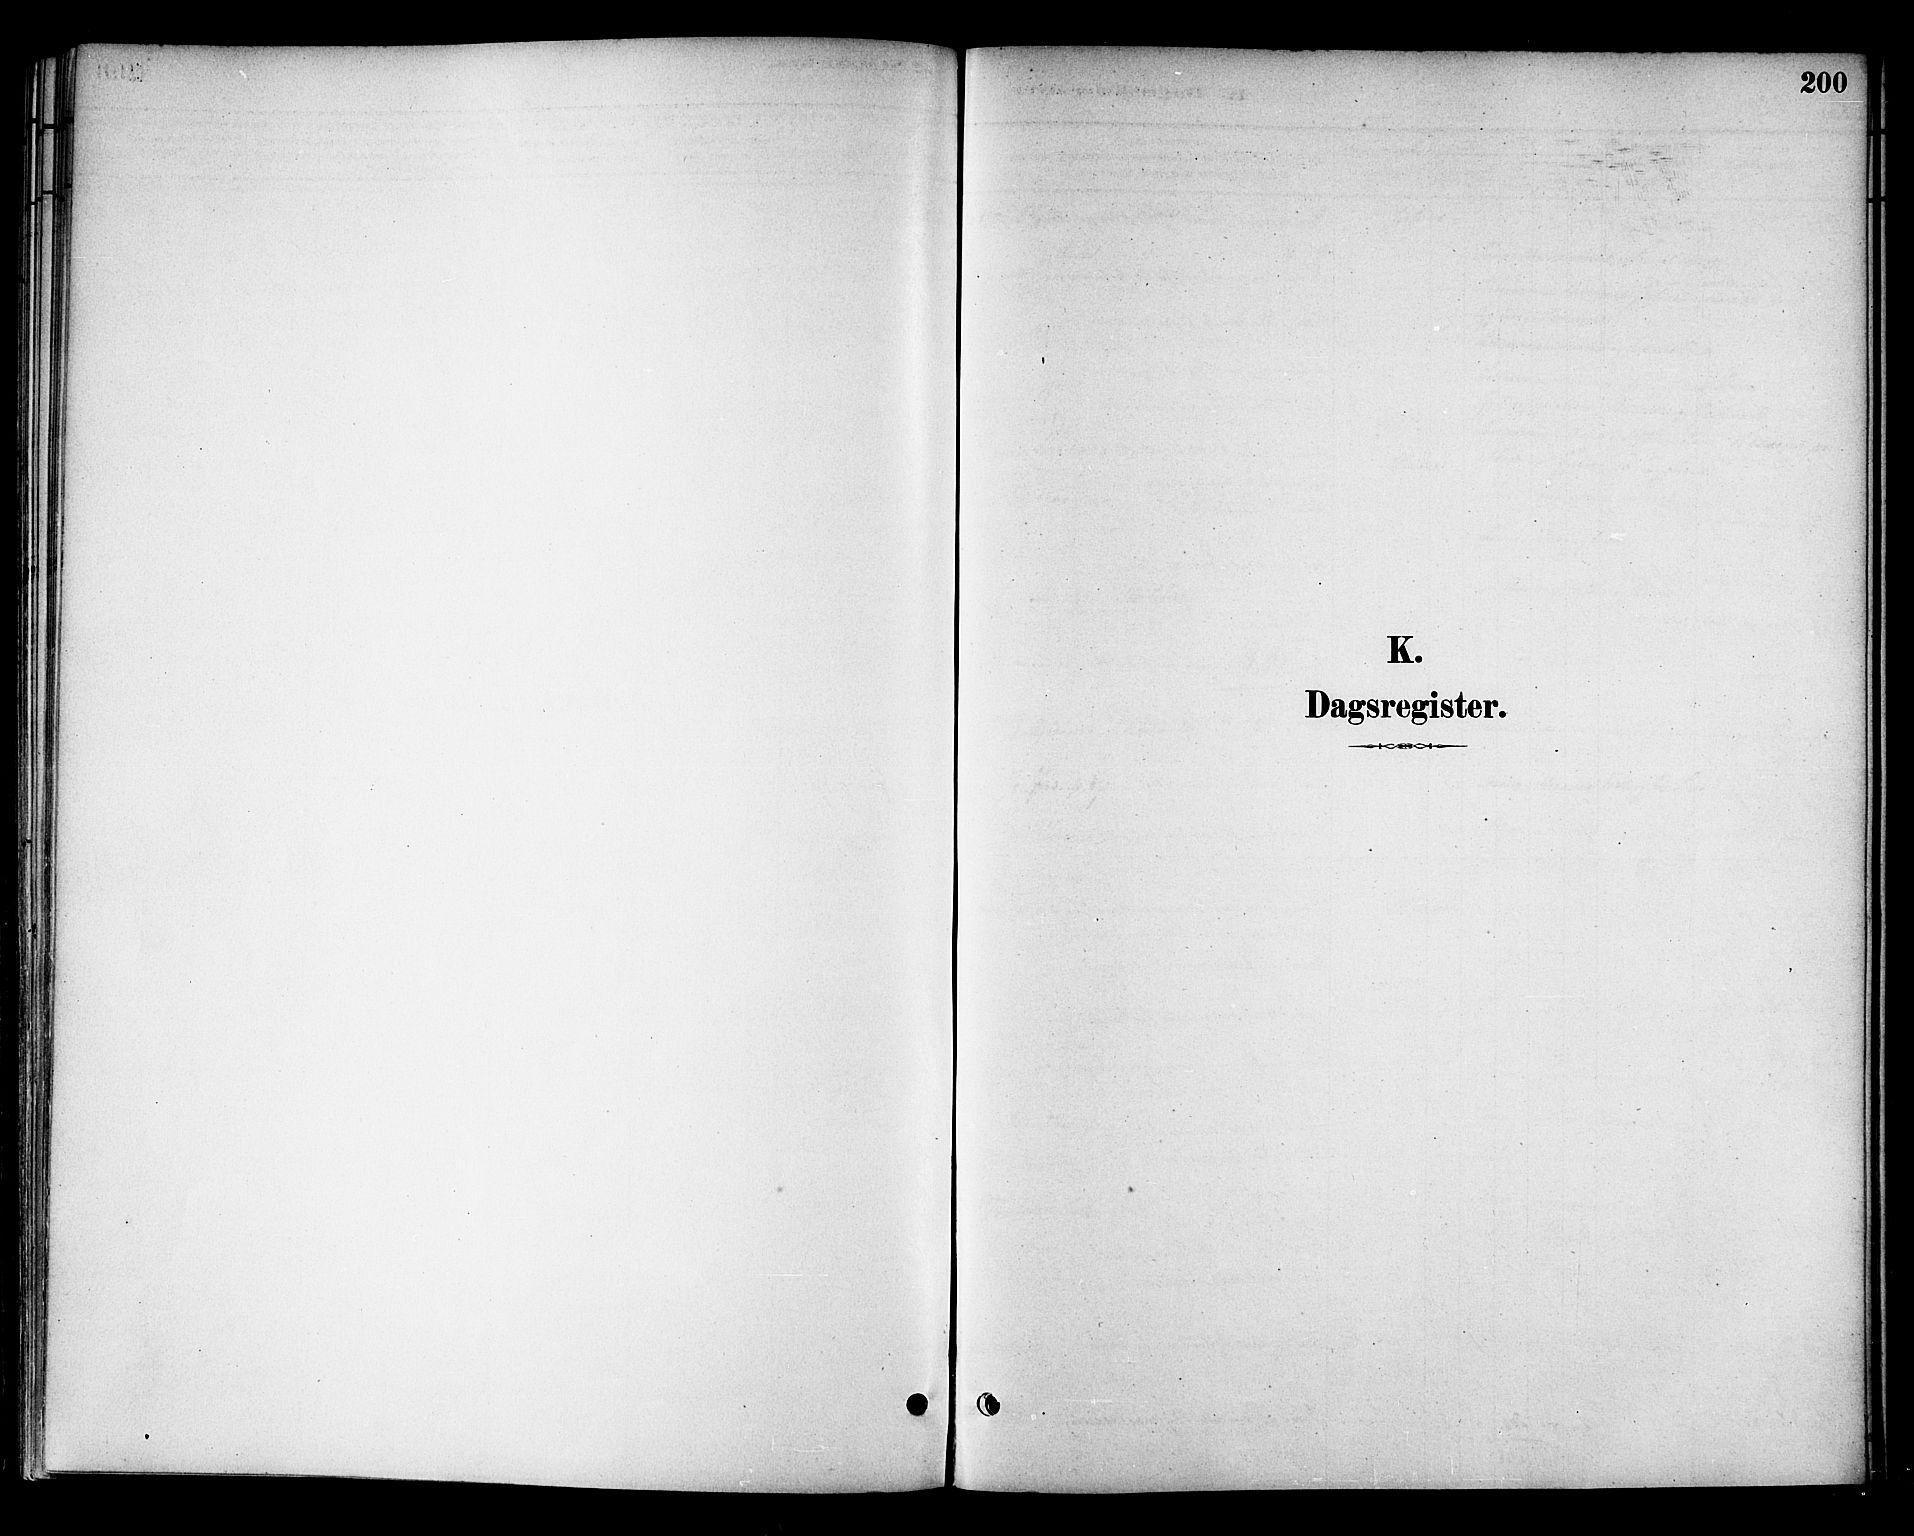 SAT, Ministerialprotokoller, klokkerbøker og fødselsregistre - Sør-Trøndelag, 654/L0663: Ministerialbok nr. 654A01, 1880-1894, s. 200